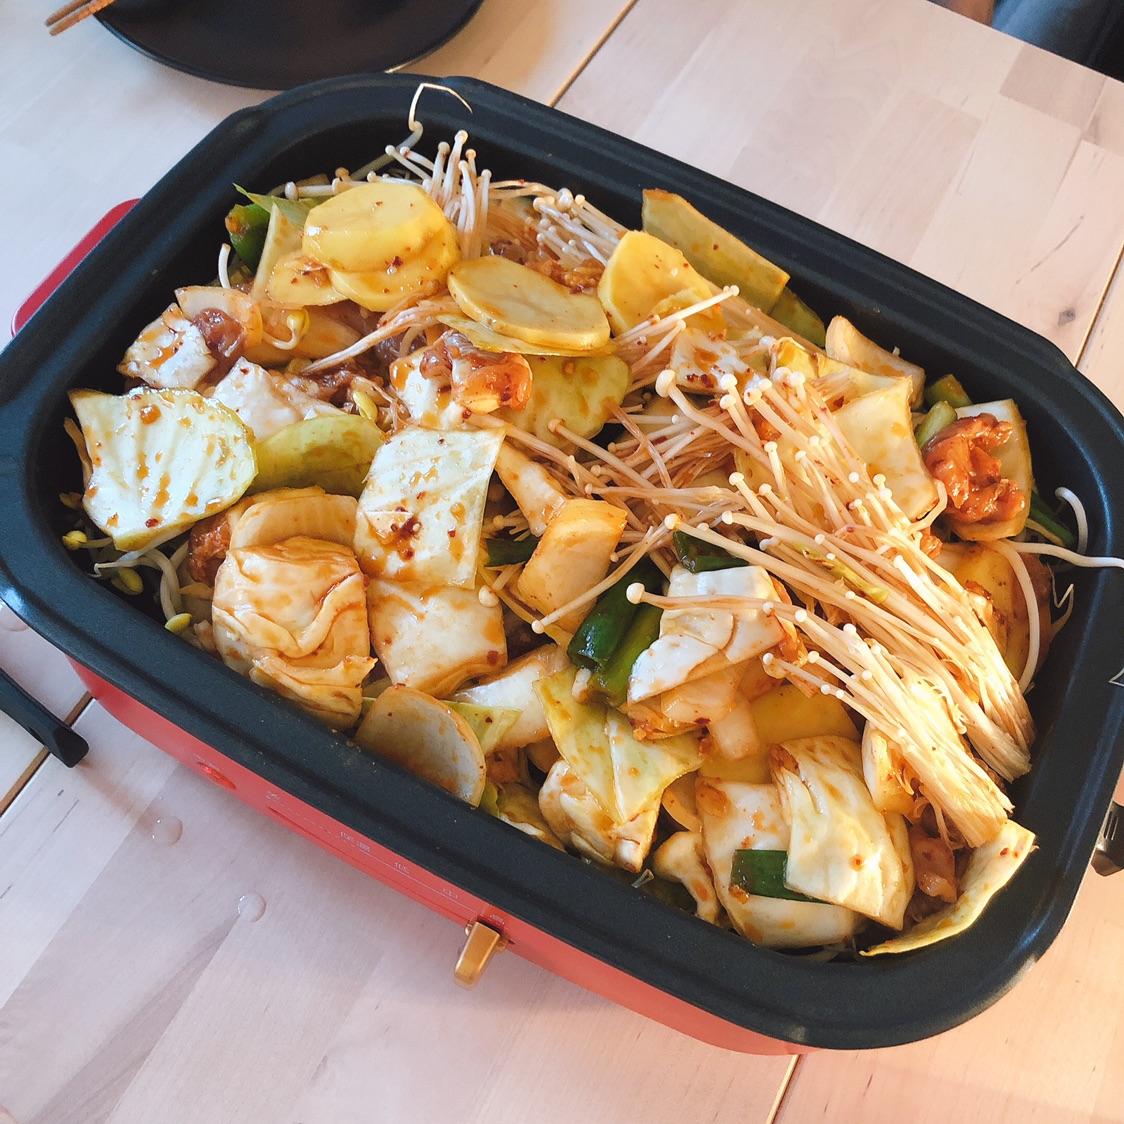 春川鸡和豆芽烤肉的融合😂